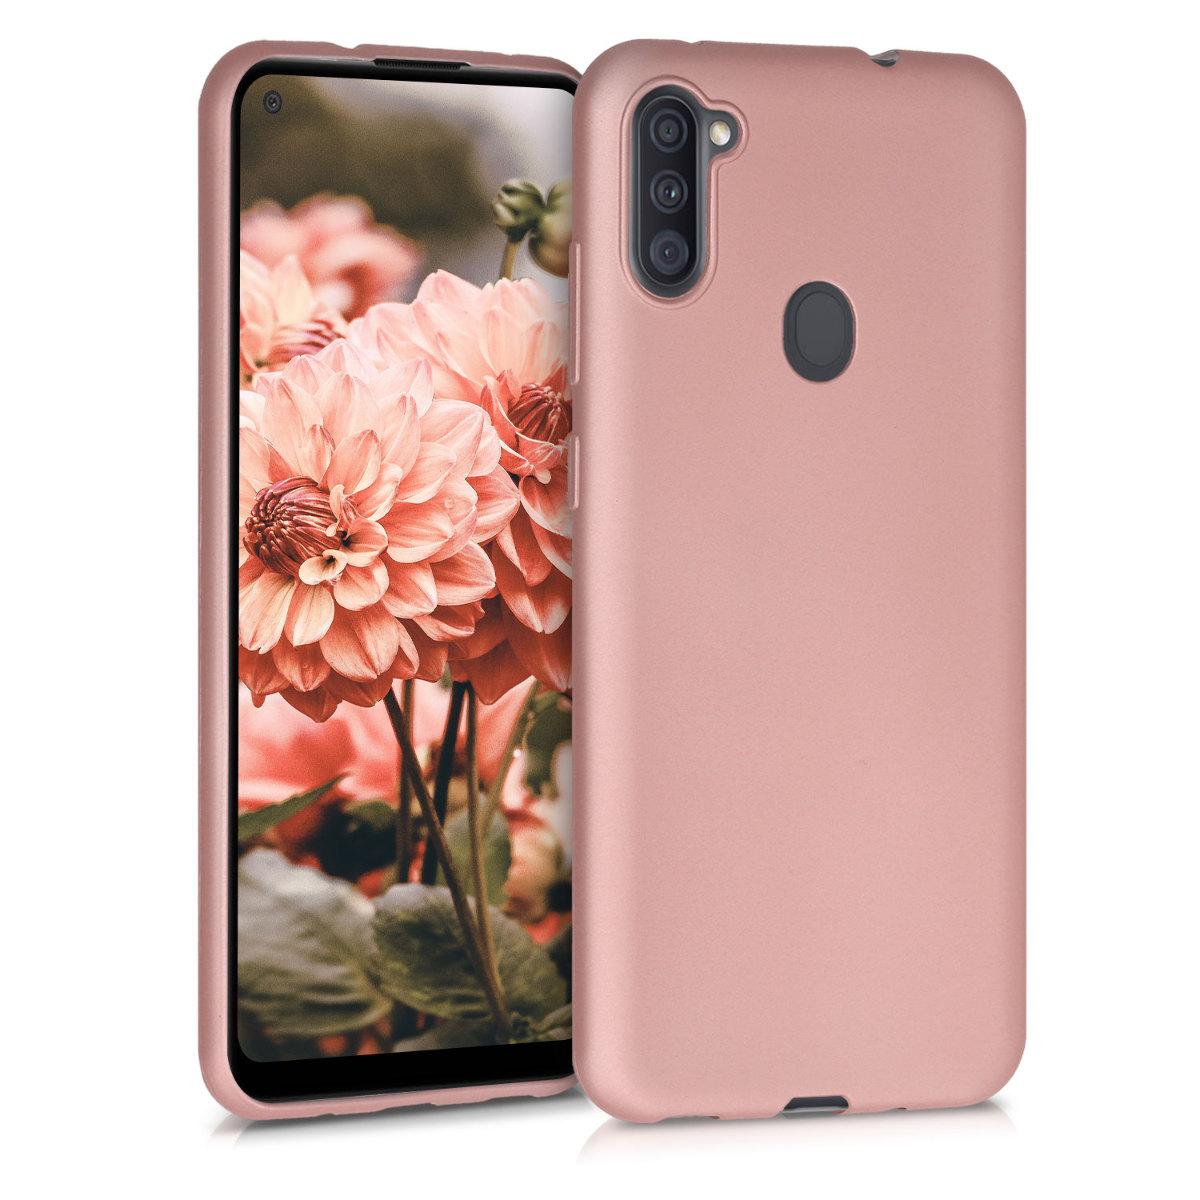 Kvalitní silikonové TPU pouzdro pro Samsung A11 - Metallic Rose Gold